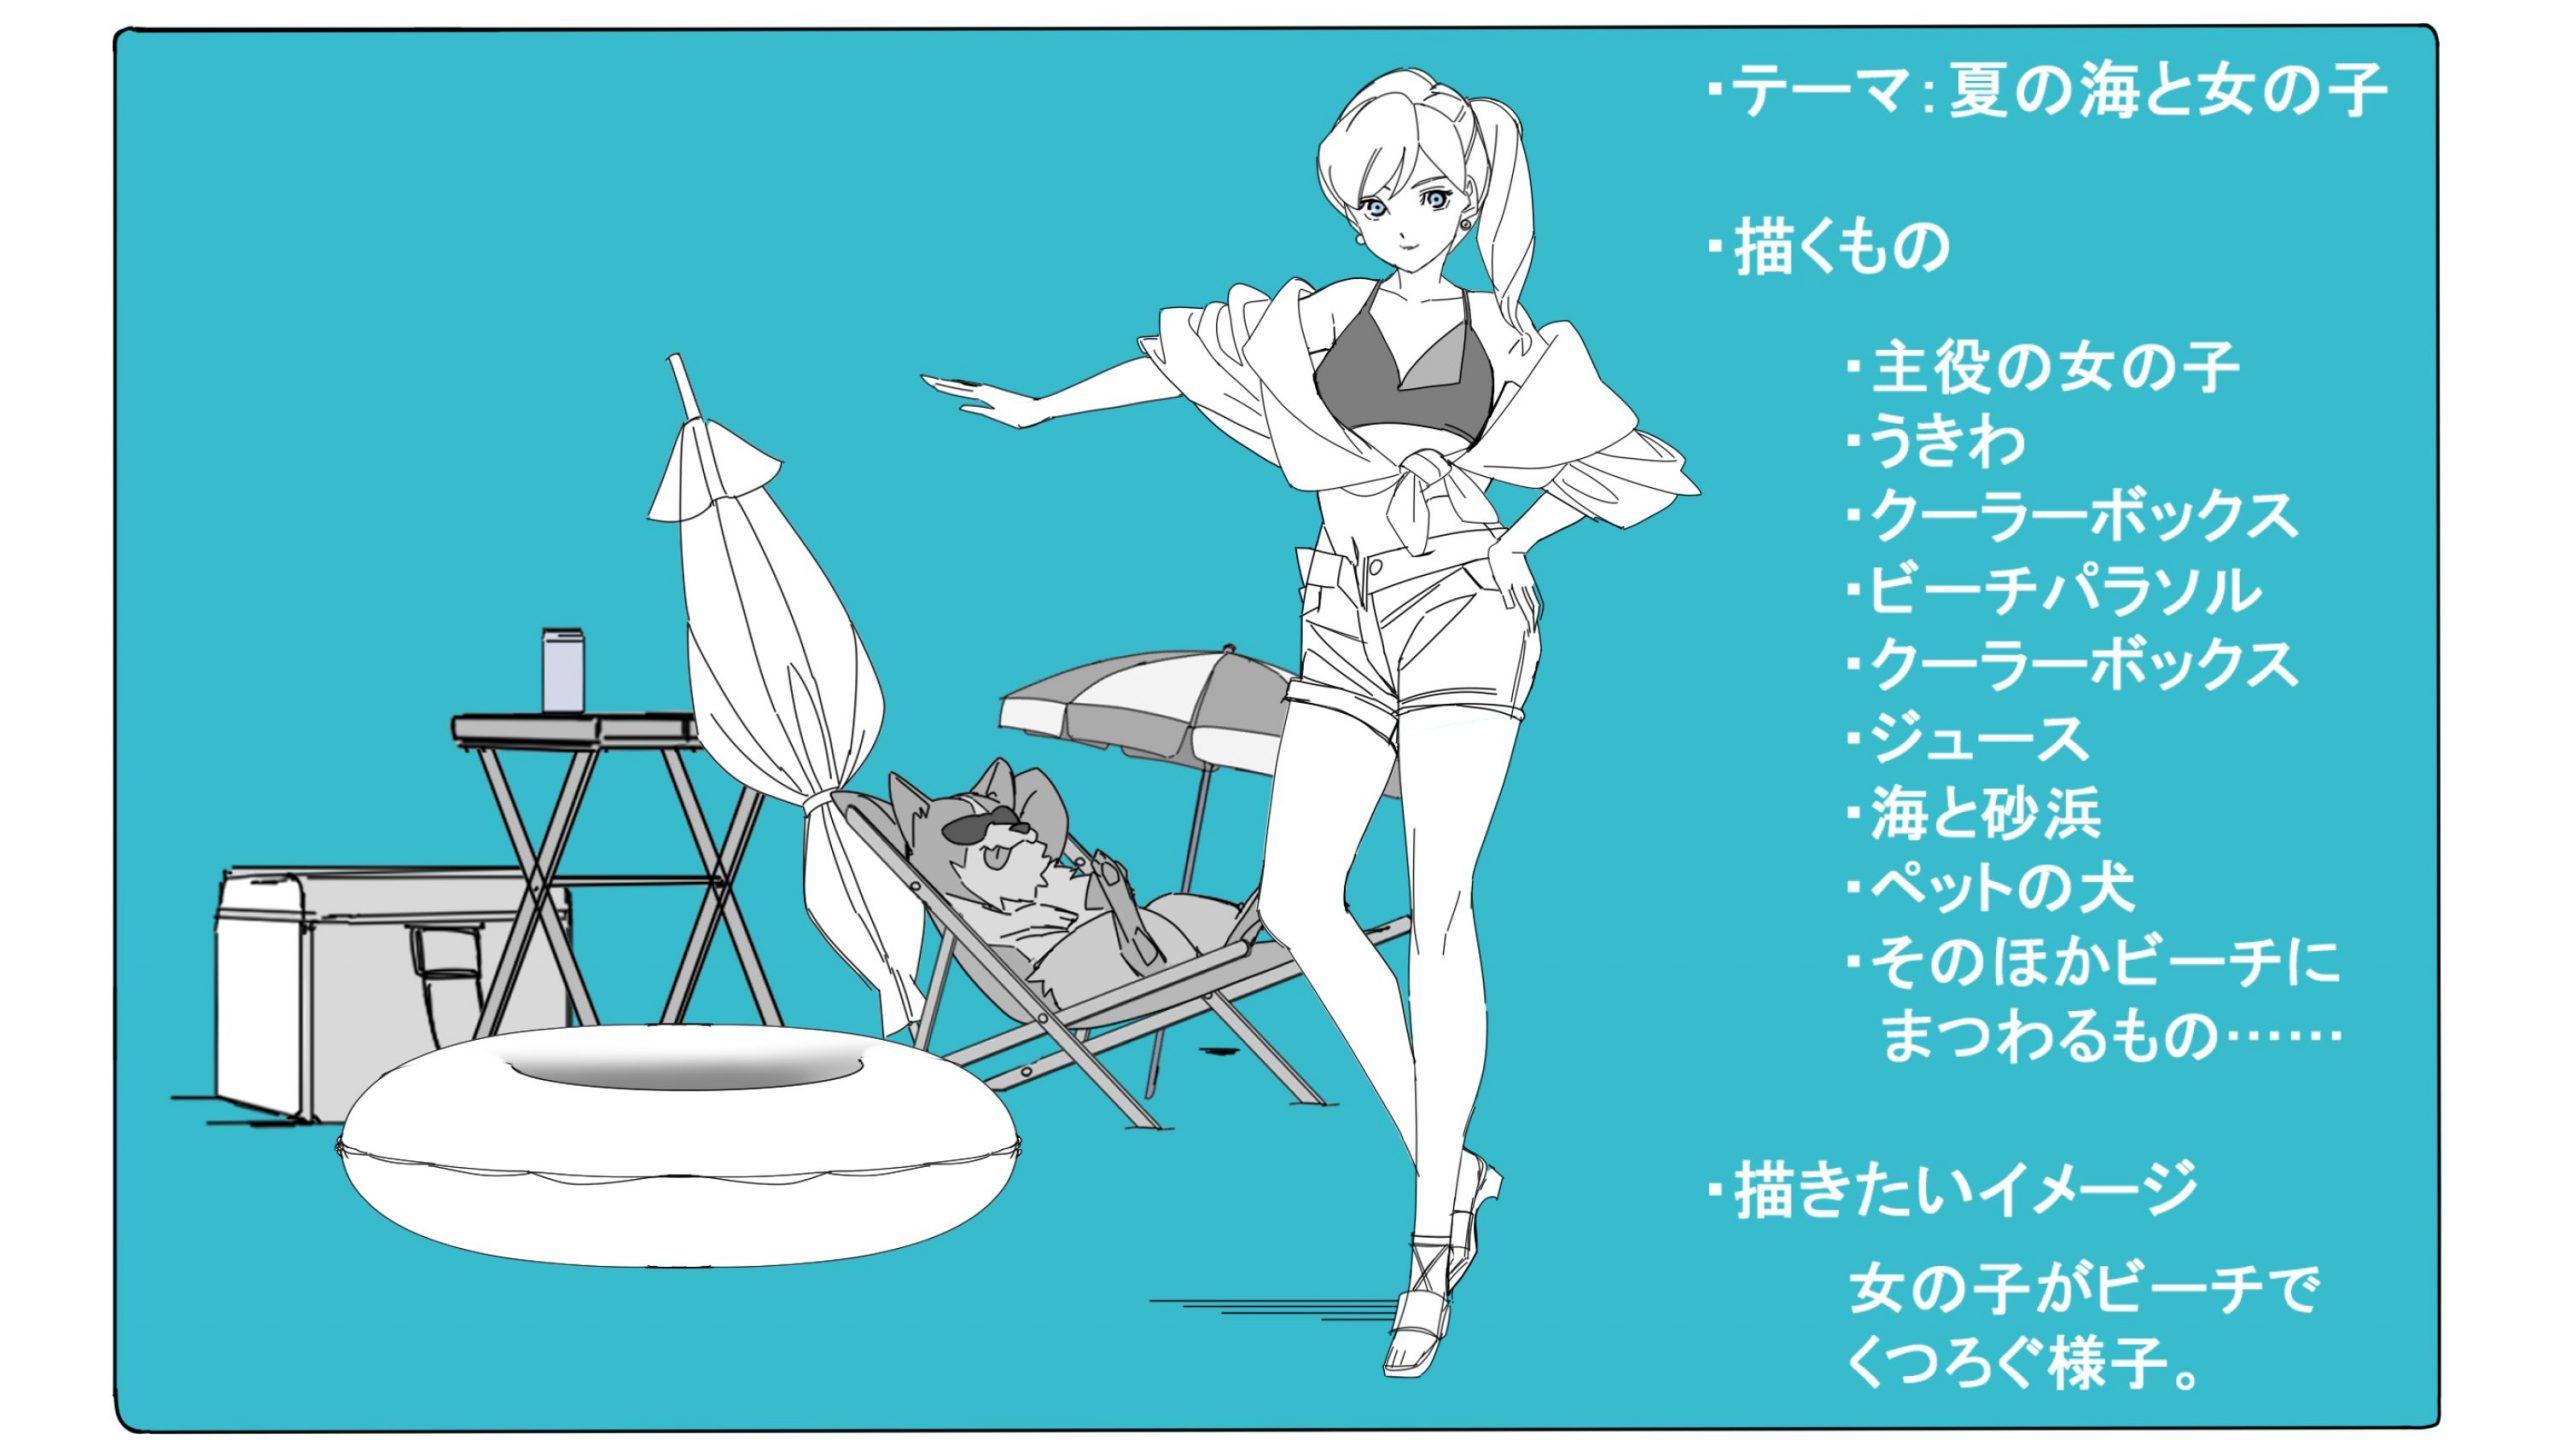 女の子と海水浴のアイテムの設定資料